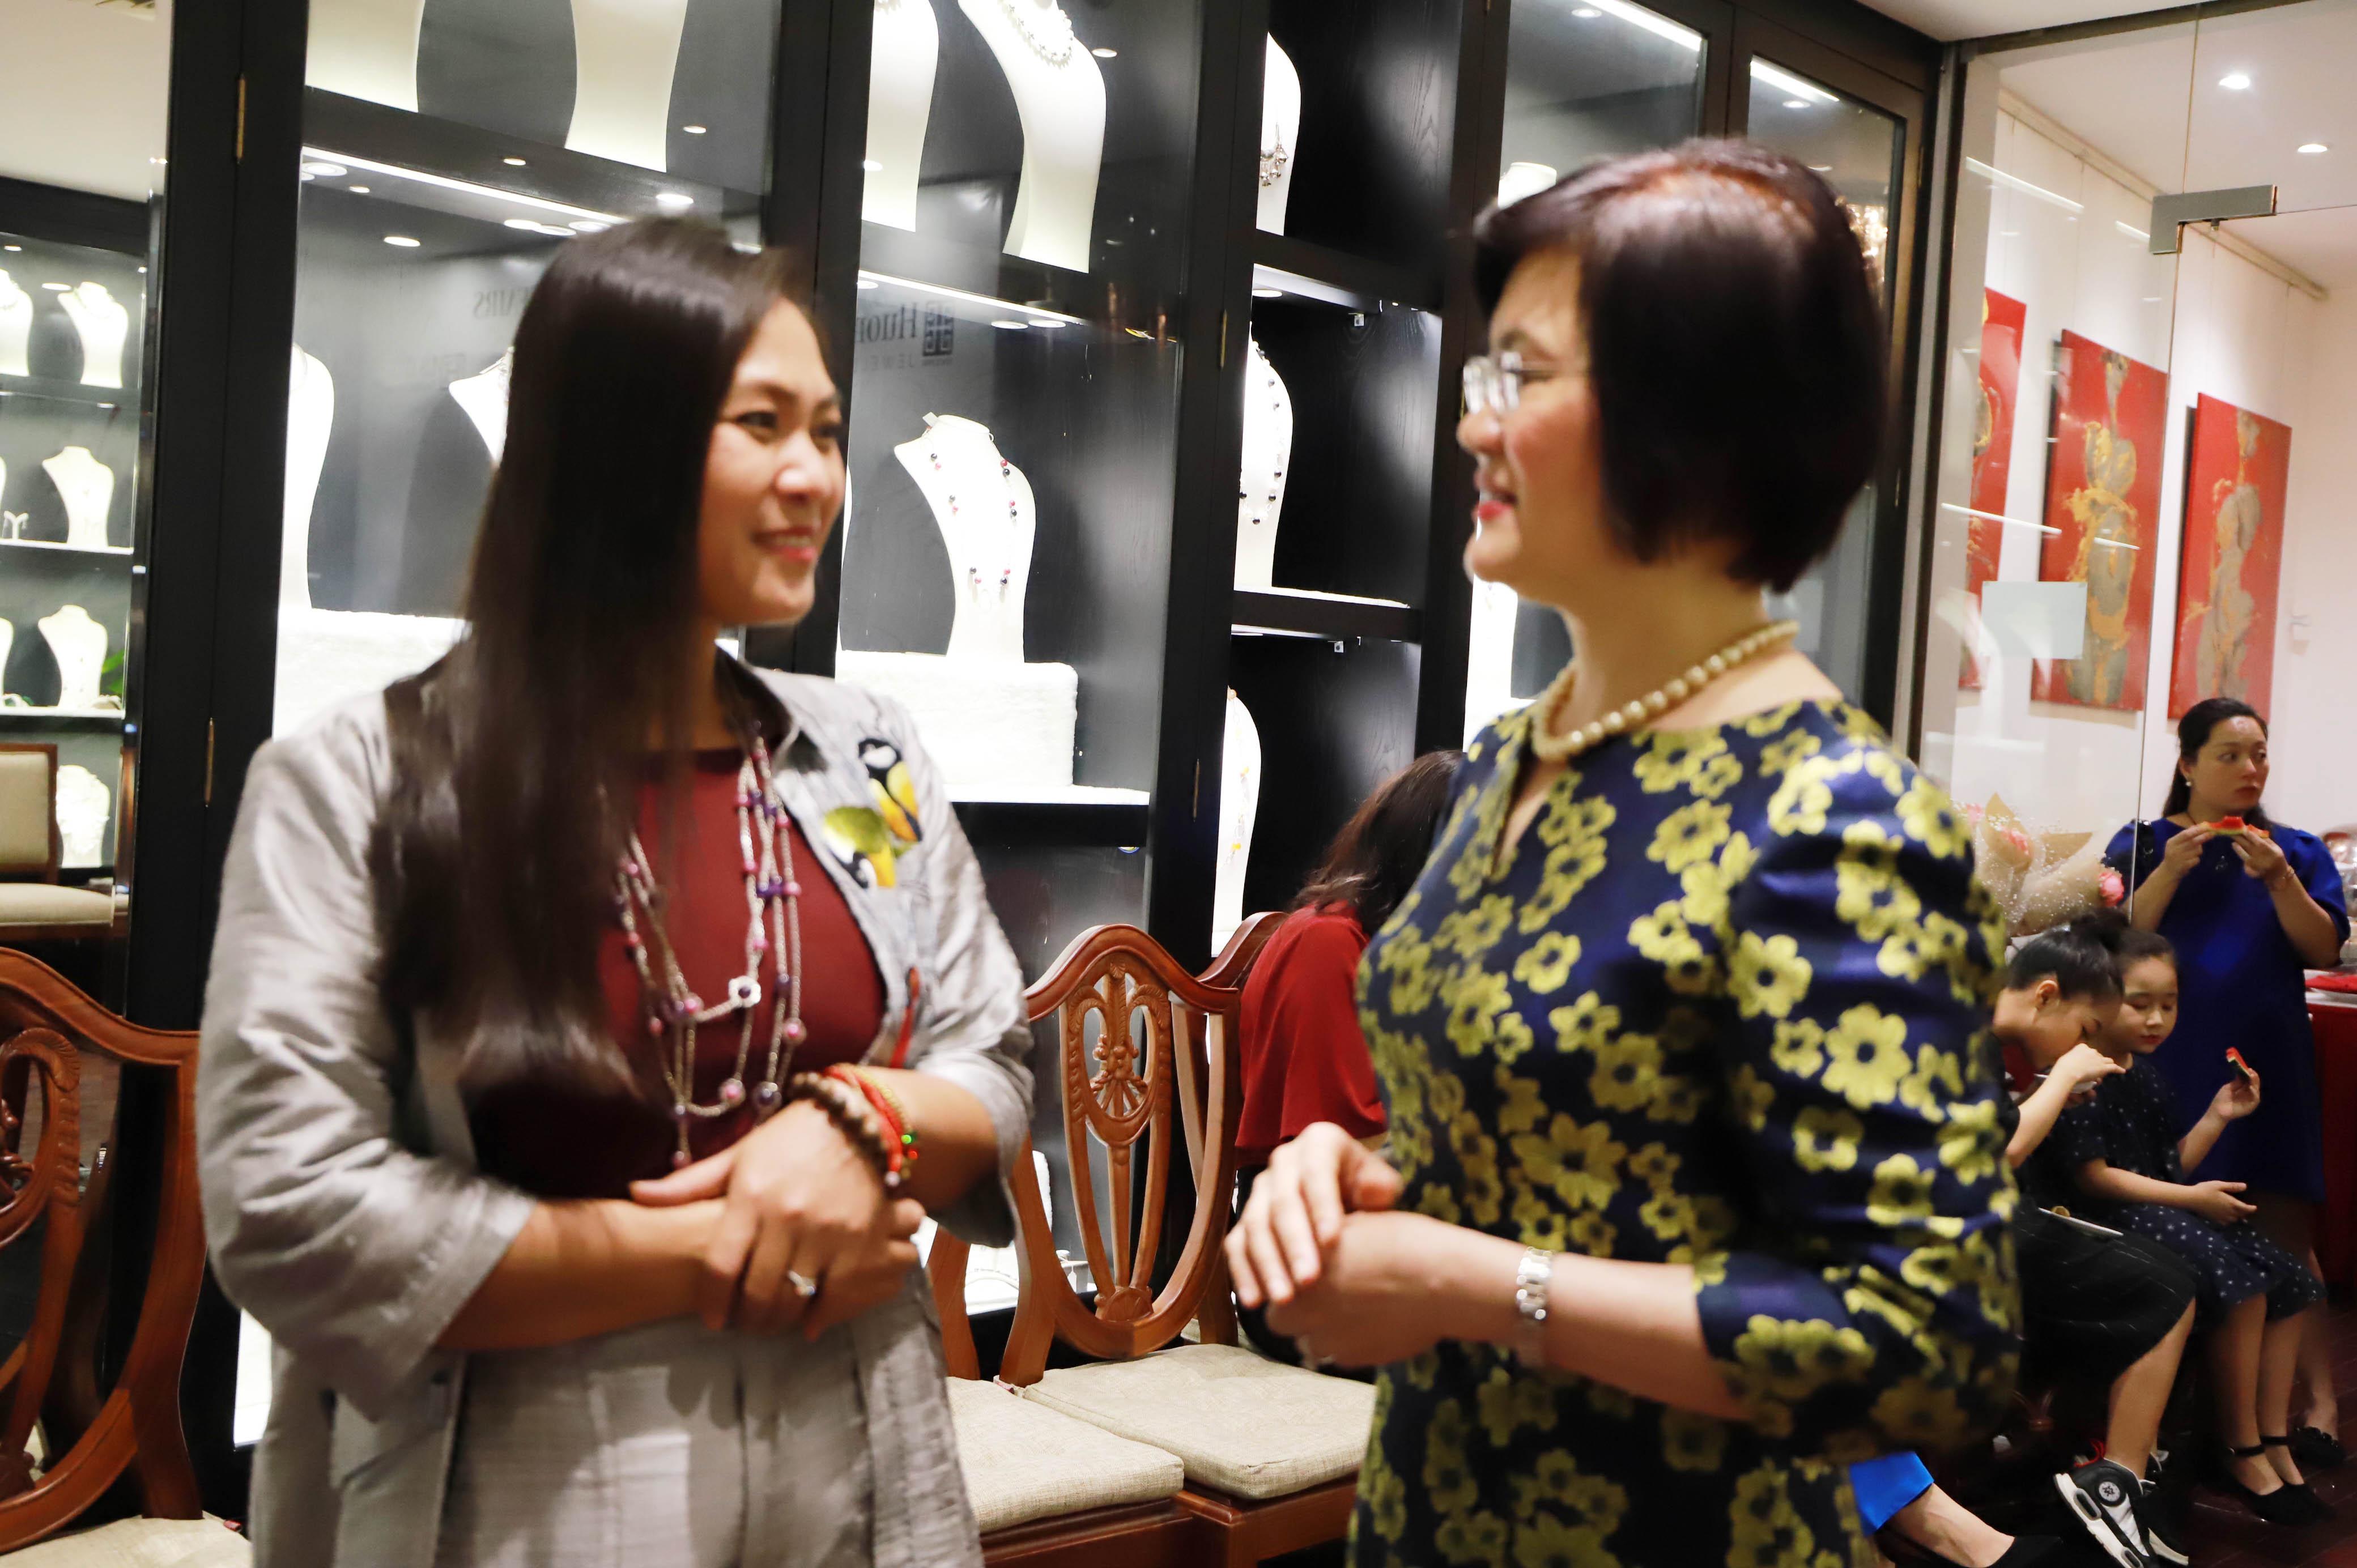 Đại sứ bày tỏ mong muốn Đại sứ, Trưởng Cơ quan đại diện, các cán bộ nữ ngoại giao đoàn tiếp tục hợp tác chặt chẽ, đồng hành cùng Việt Nam trong hội nhập quốc tế sâu rộng và thúc đẩy bình đẳng giới.